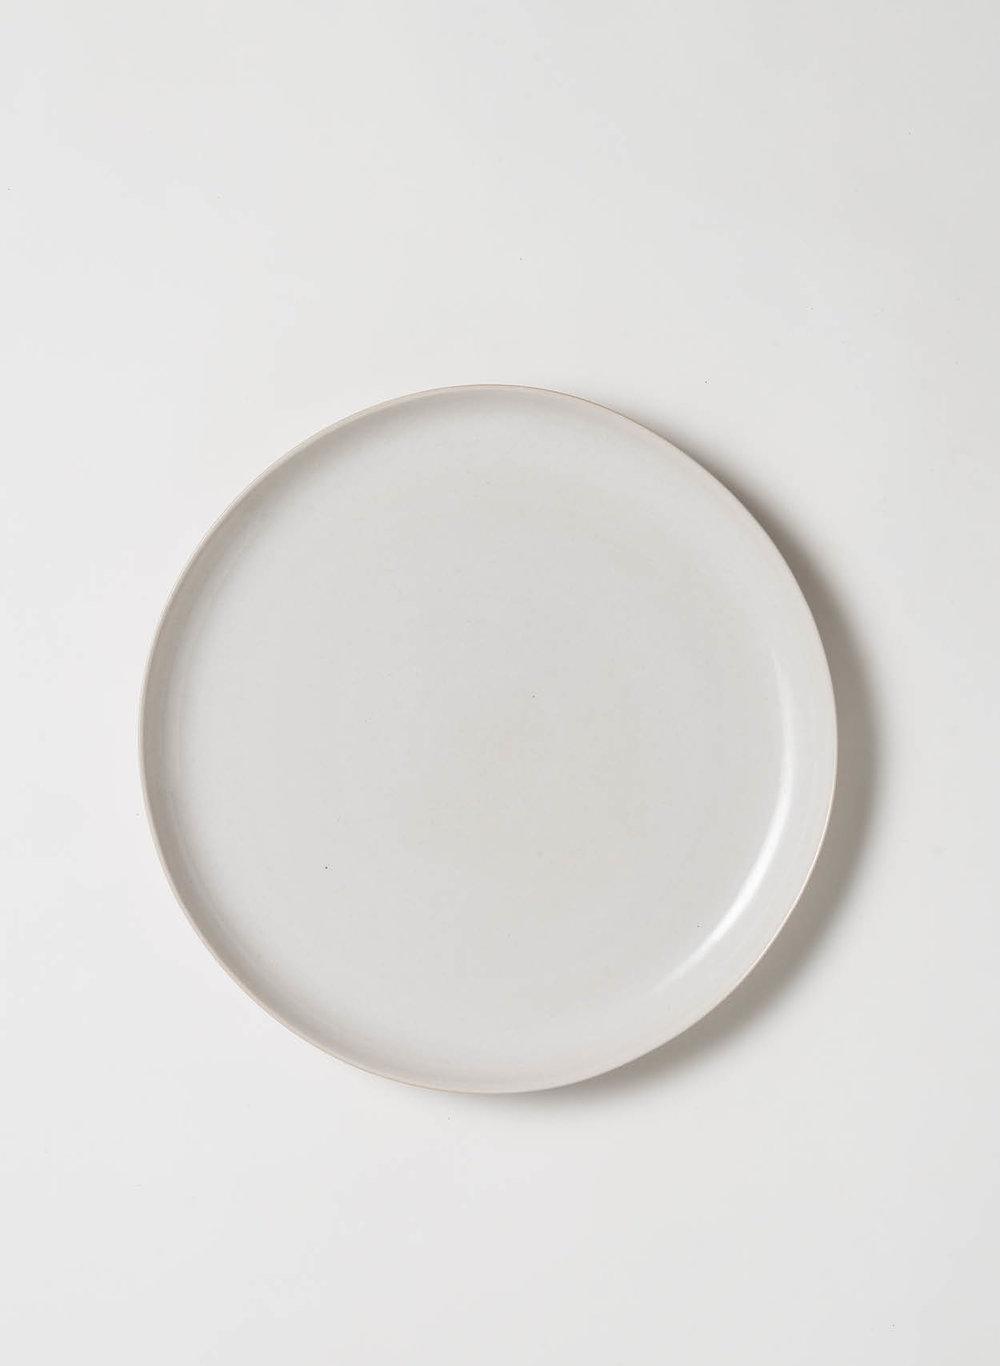 Finch Serving Platter $79.90